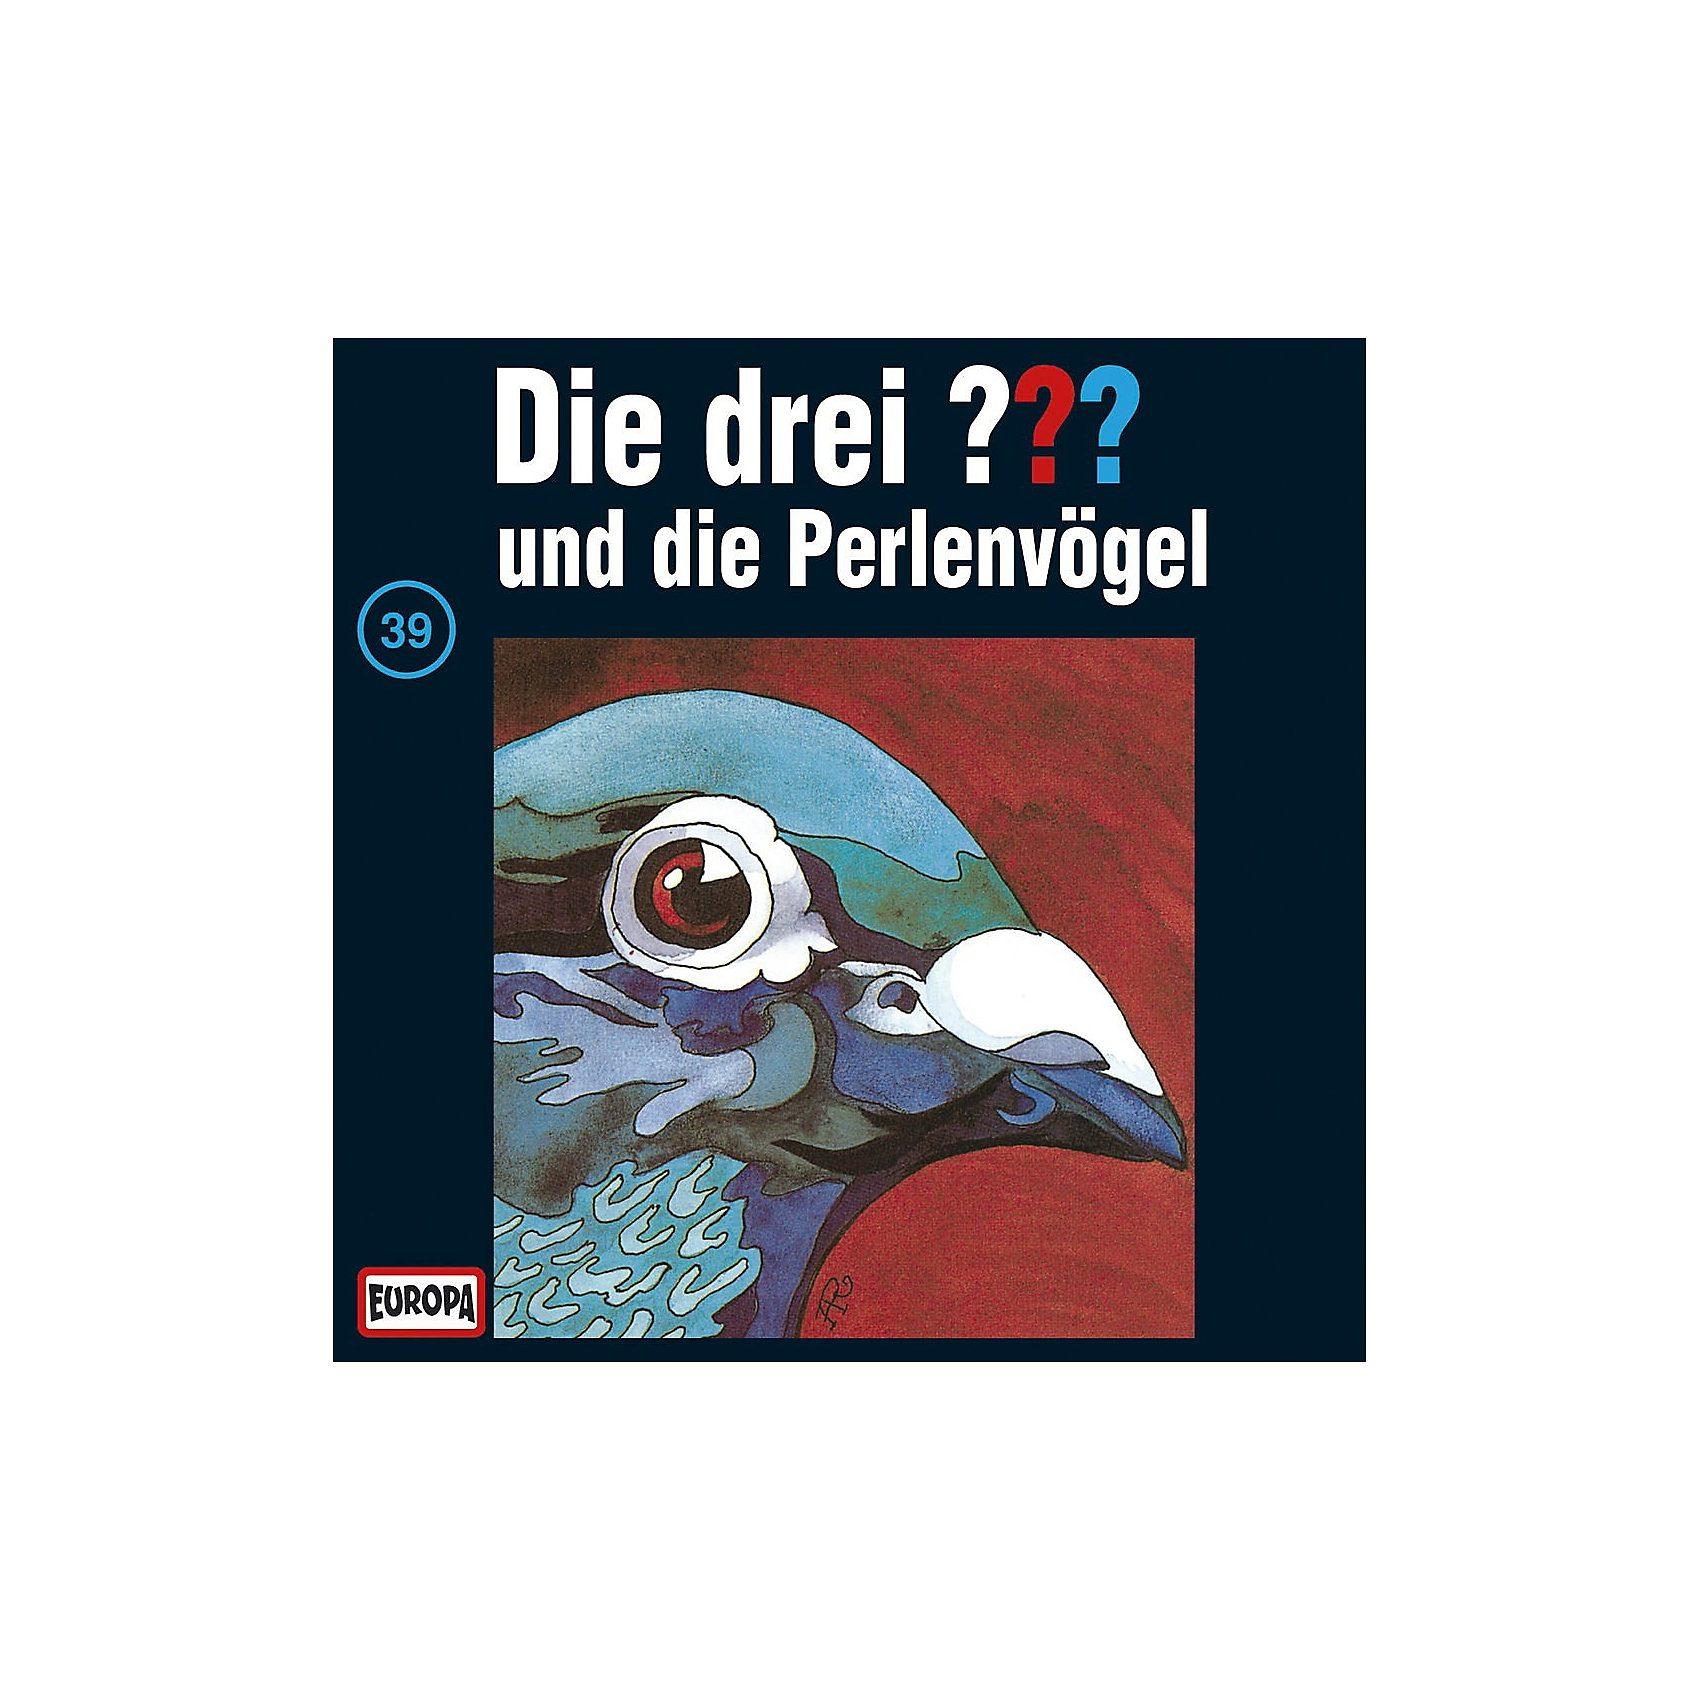 Sony CD Die Drei ??? 039/und die Perlenvögel